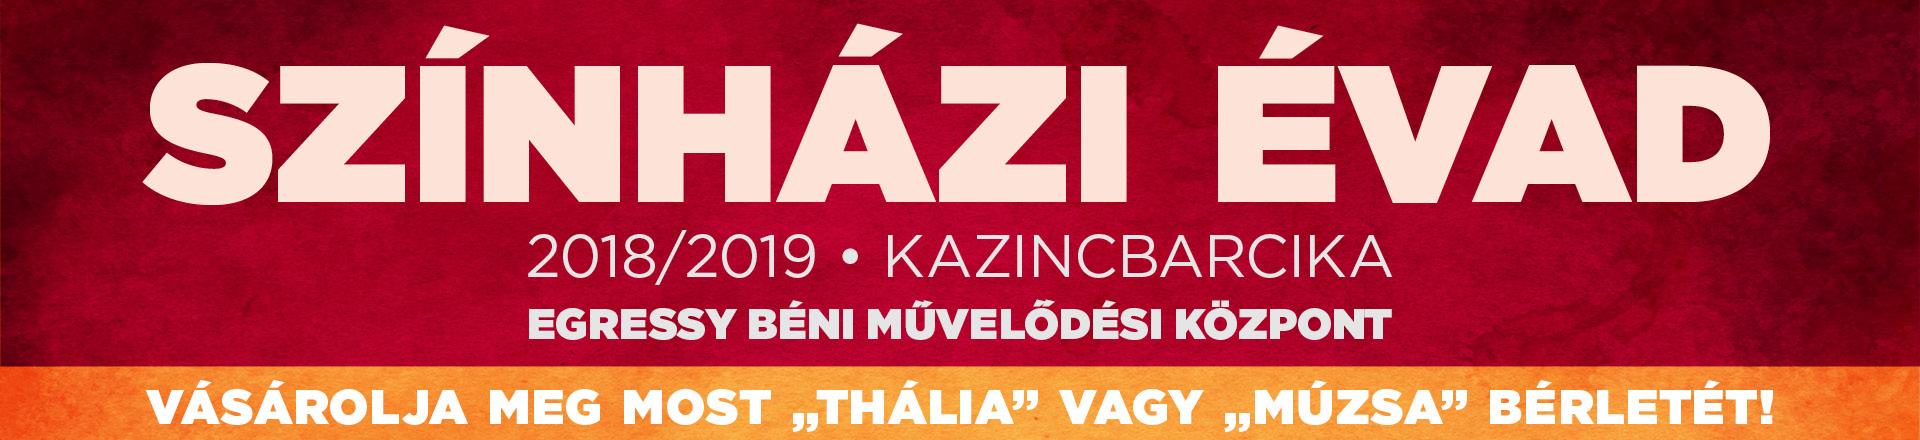 Színházi évad 2018/2019